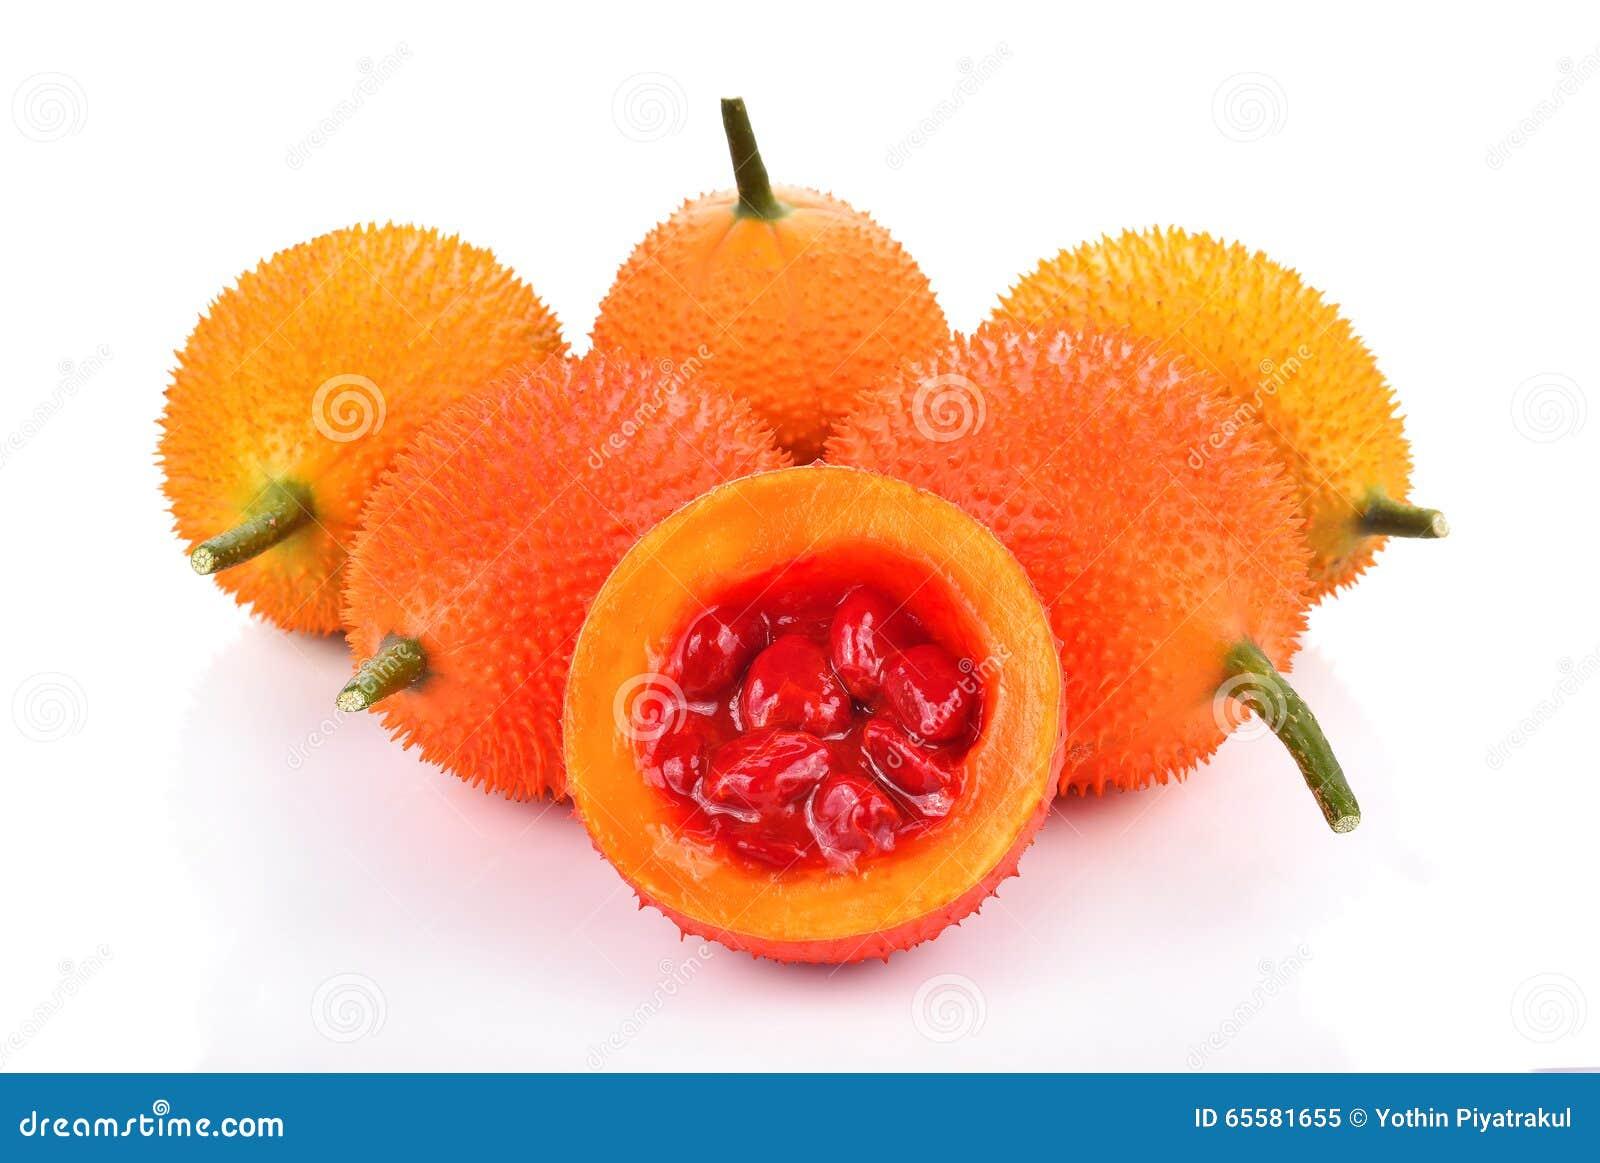 Jackfruit do bebê, cabaça amarga espinhoso, Grourd doce no fundo branco